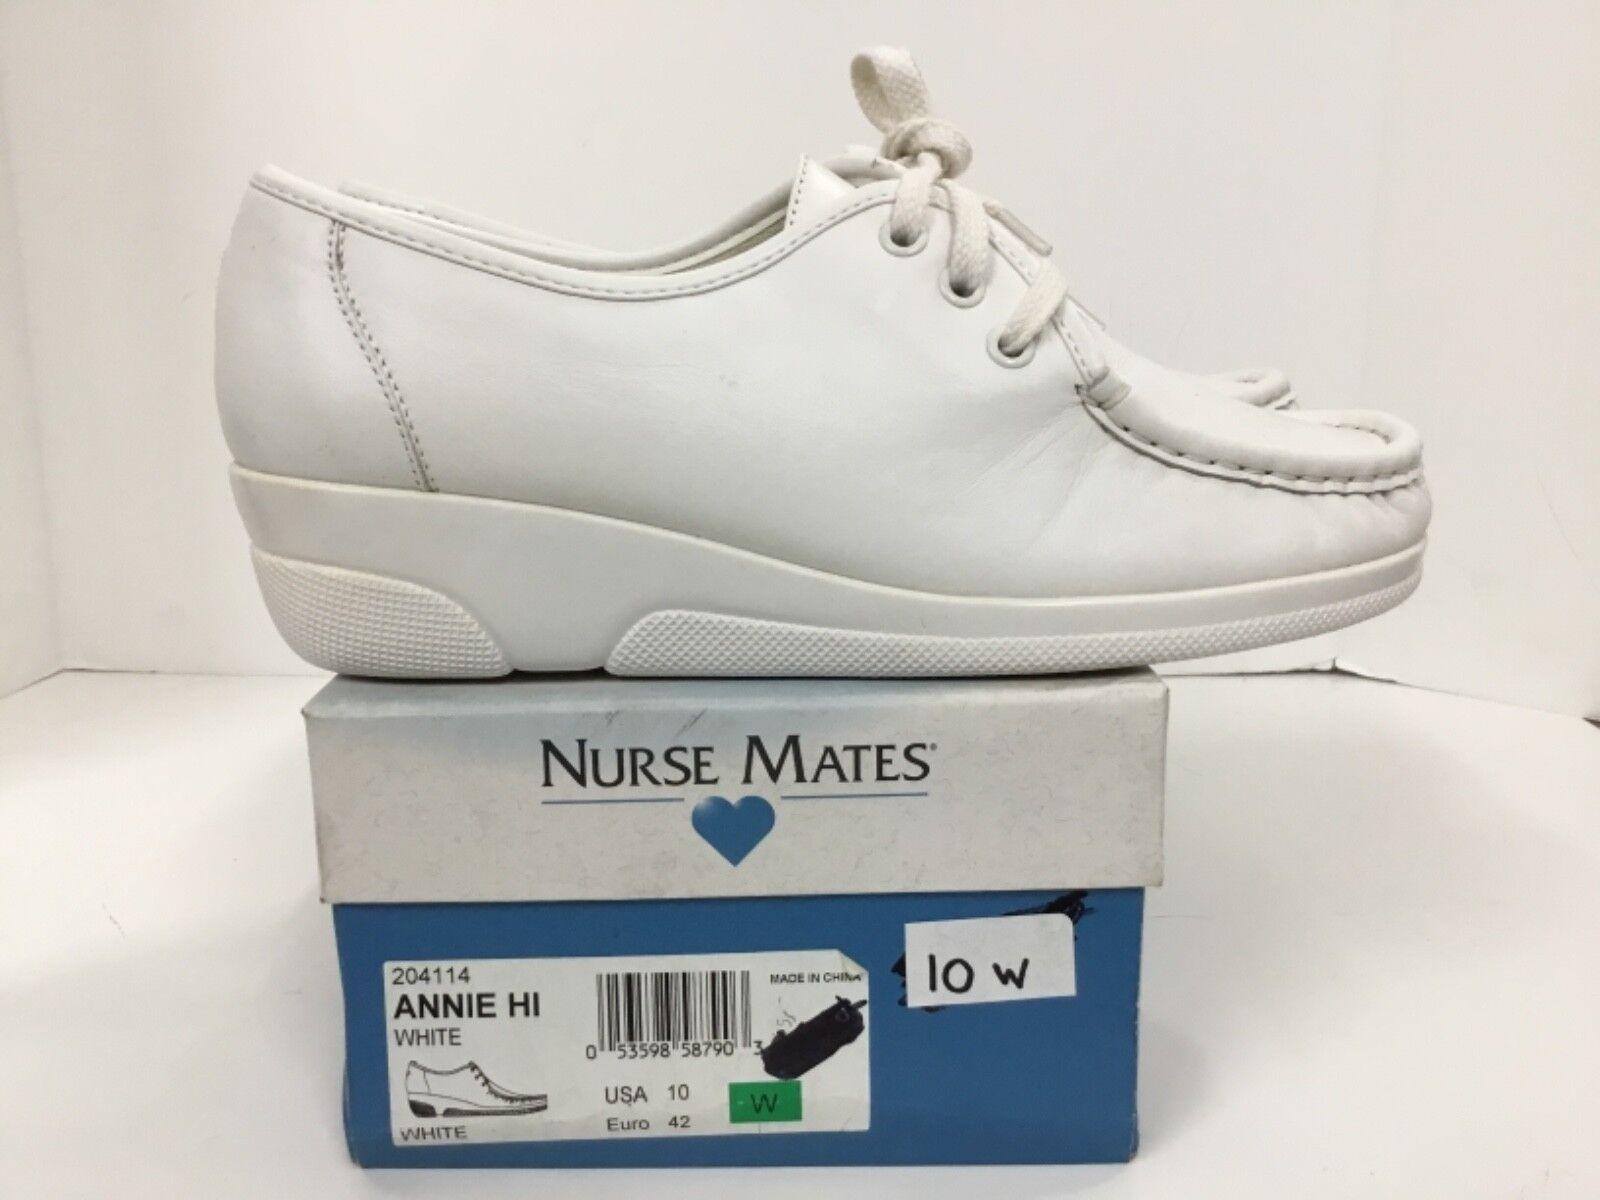 Nurse Mates Annie Hi estilo Nº Nº Nº 204114 Talla 10 de ancho 28ca1c